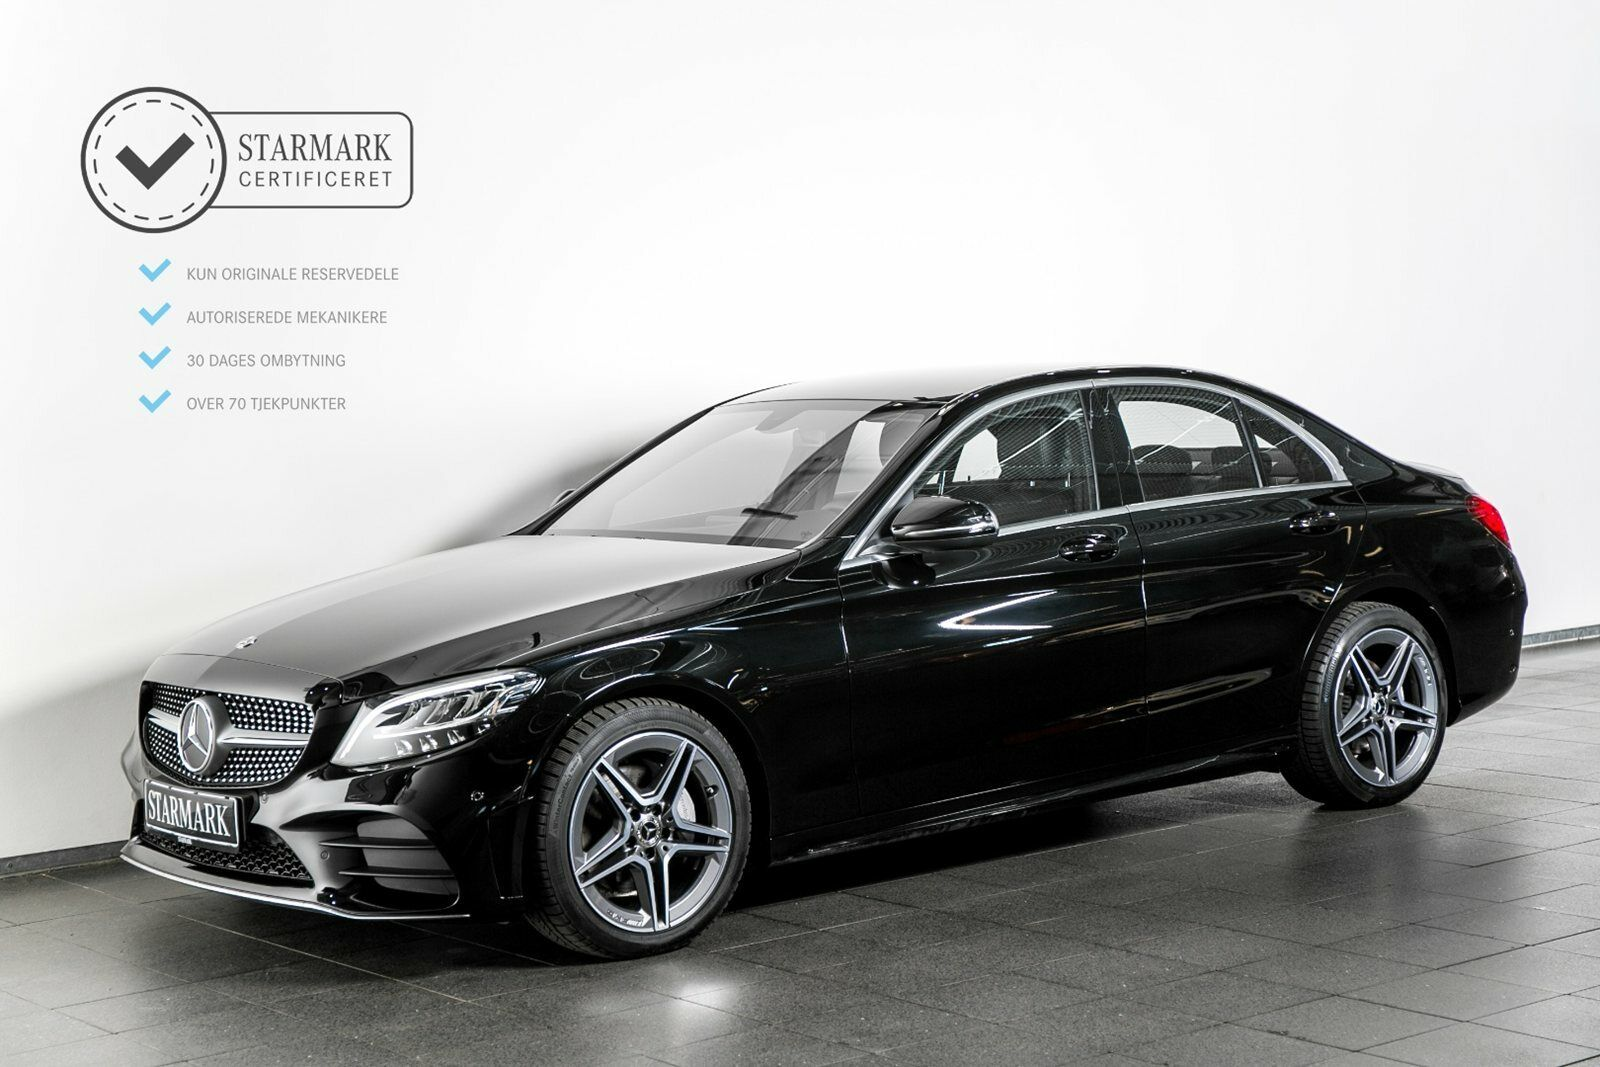 Mercedes C220 d 2,0 AMG Line aut. 4d - 469.900 kr.